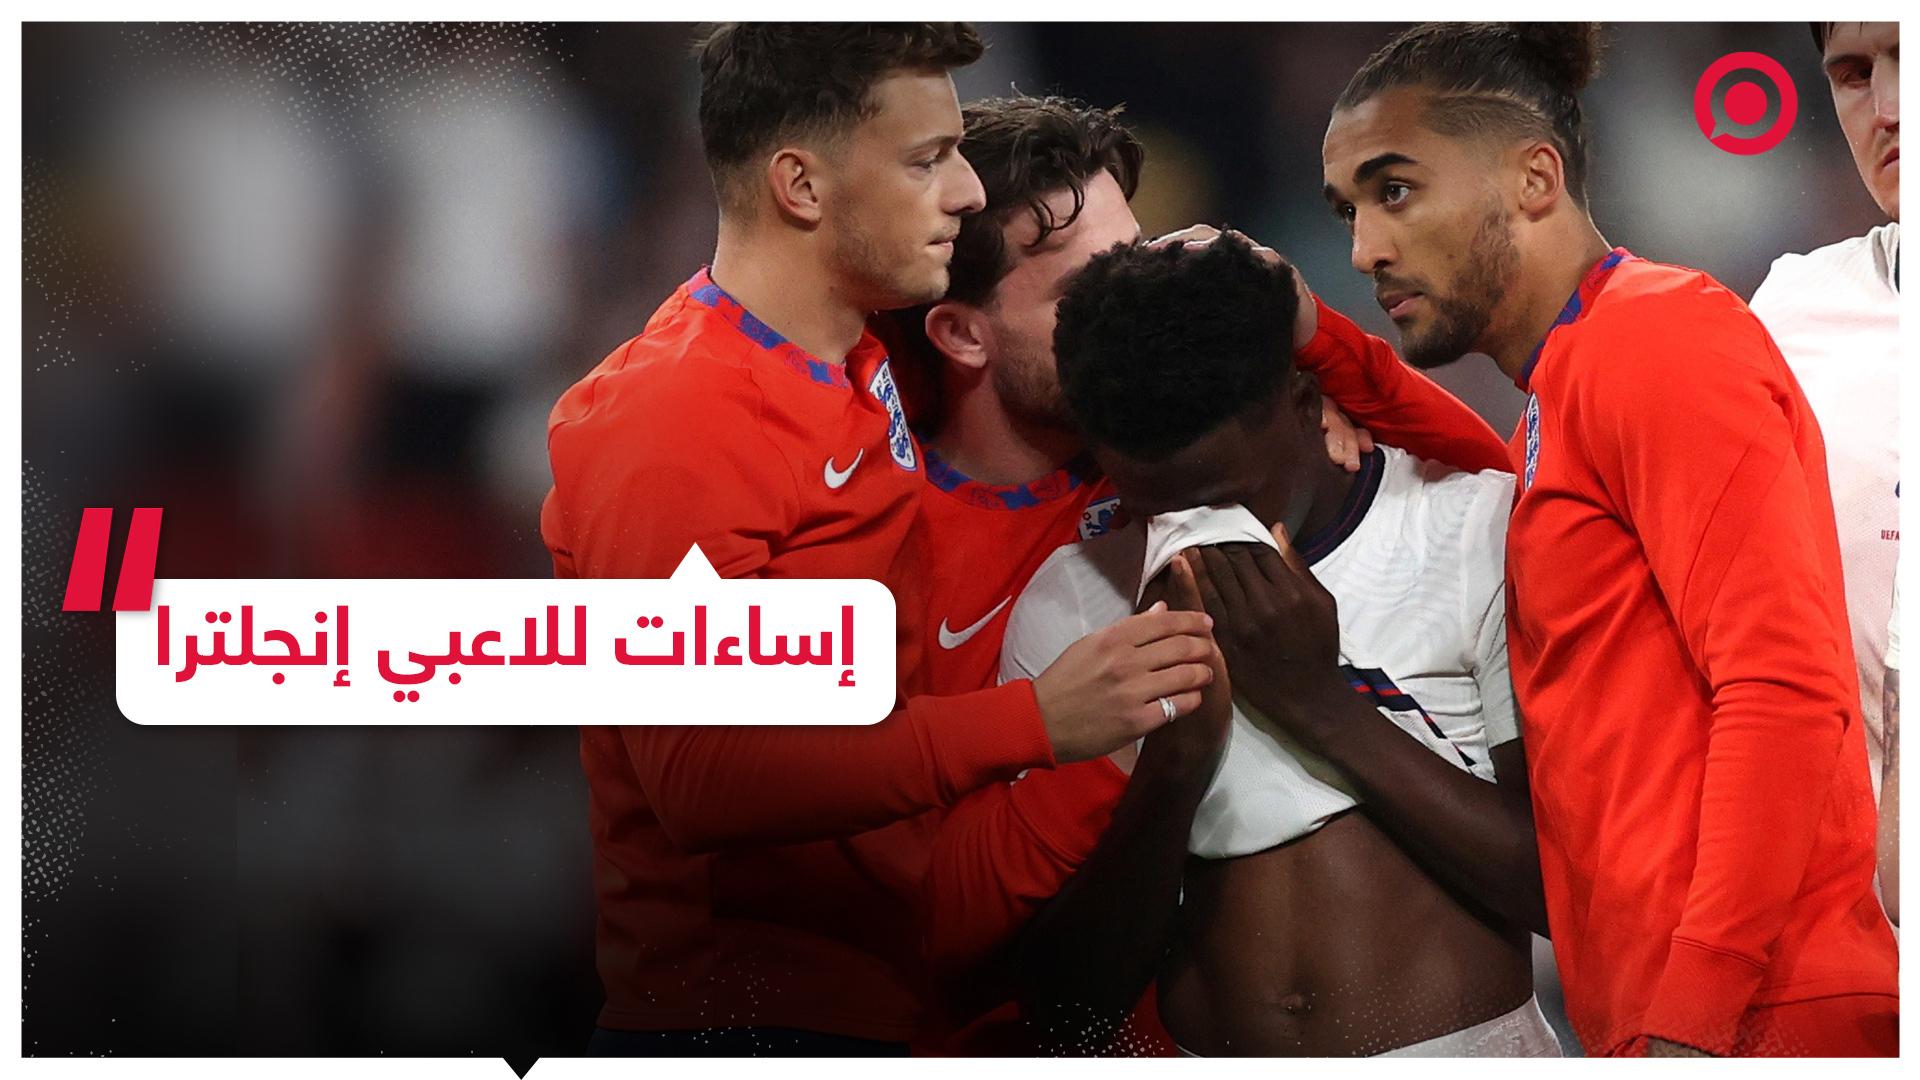 إساءات عنصرية للاعبي منتخب إنجلترا بعد الهزيمة